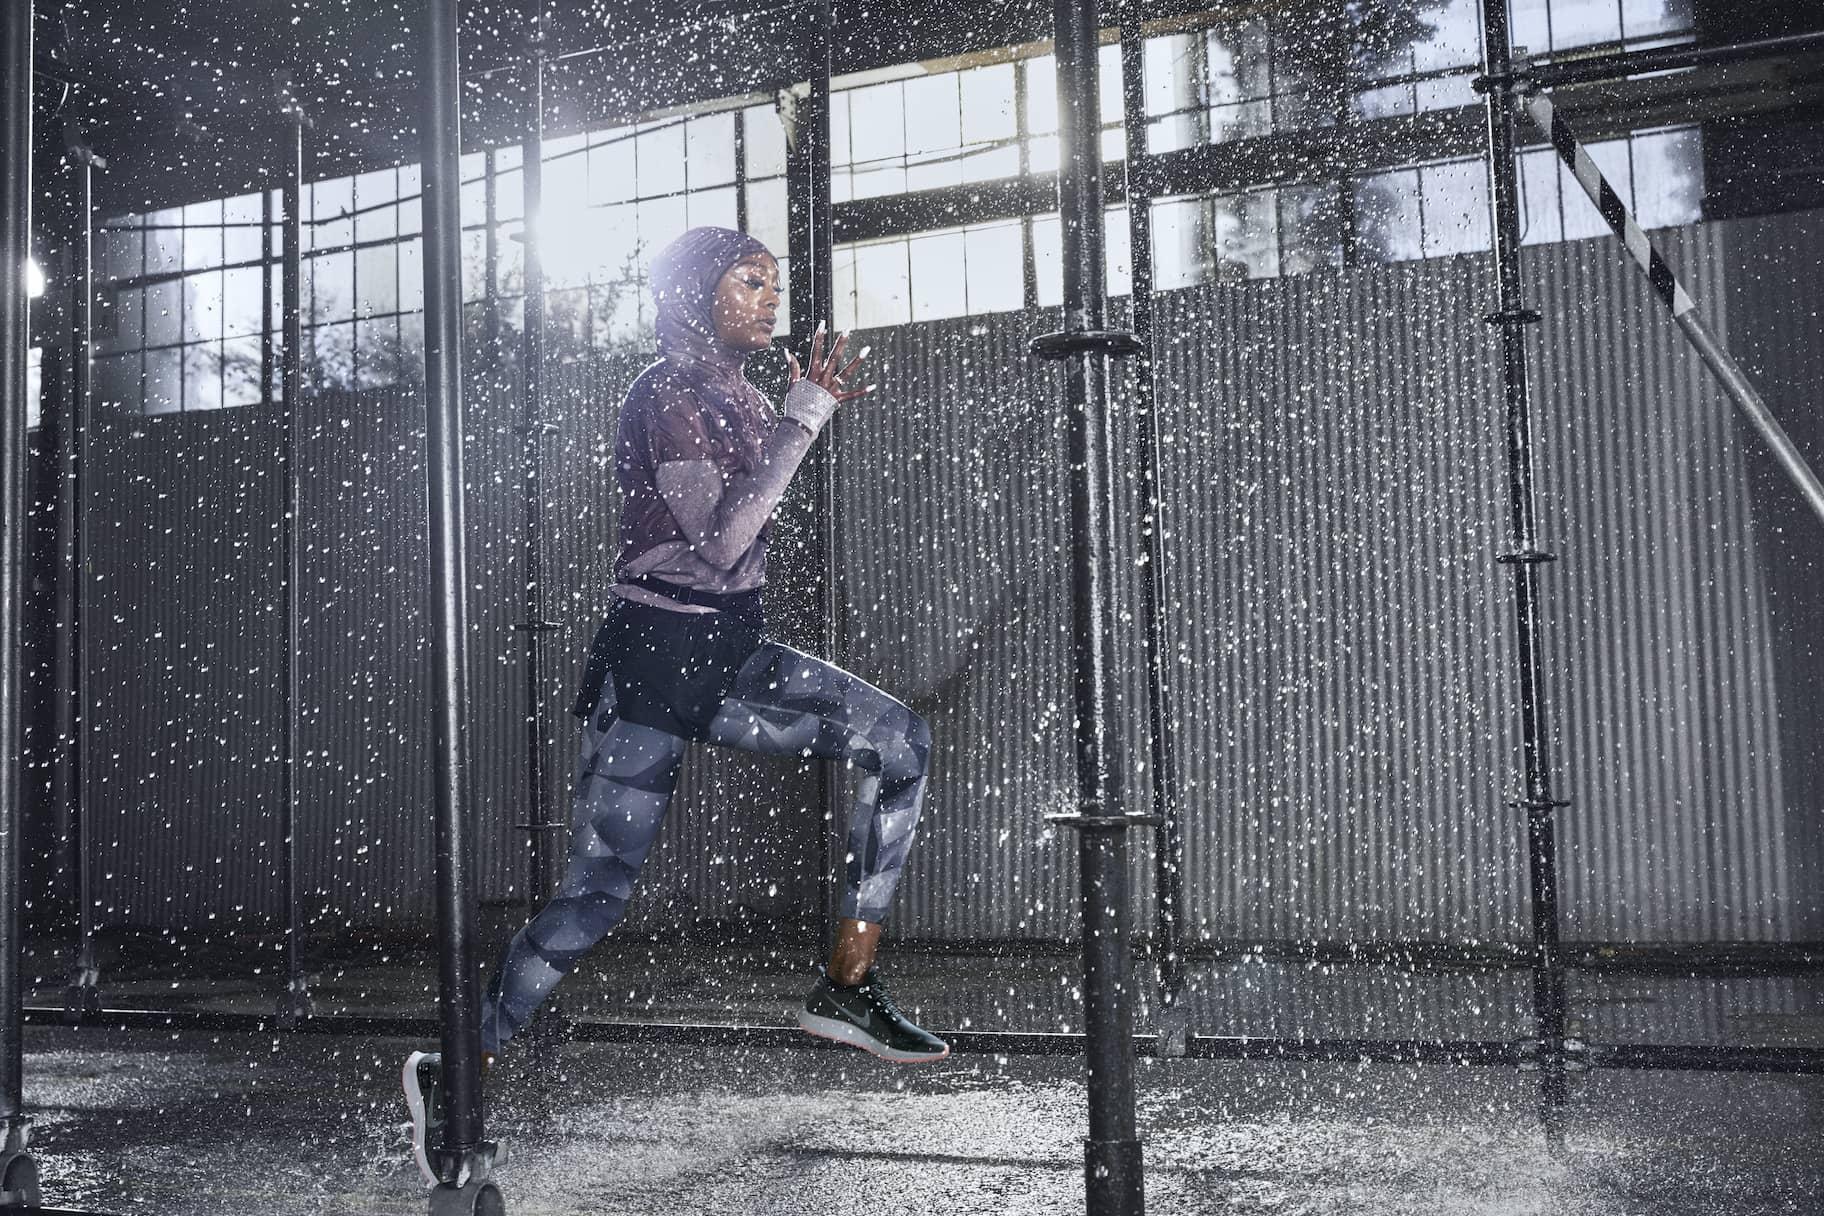 Wasserdichte Laufausrüstung für Läufe an Regentagen